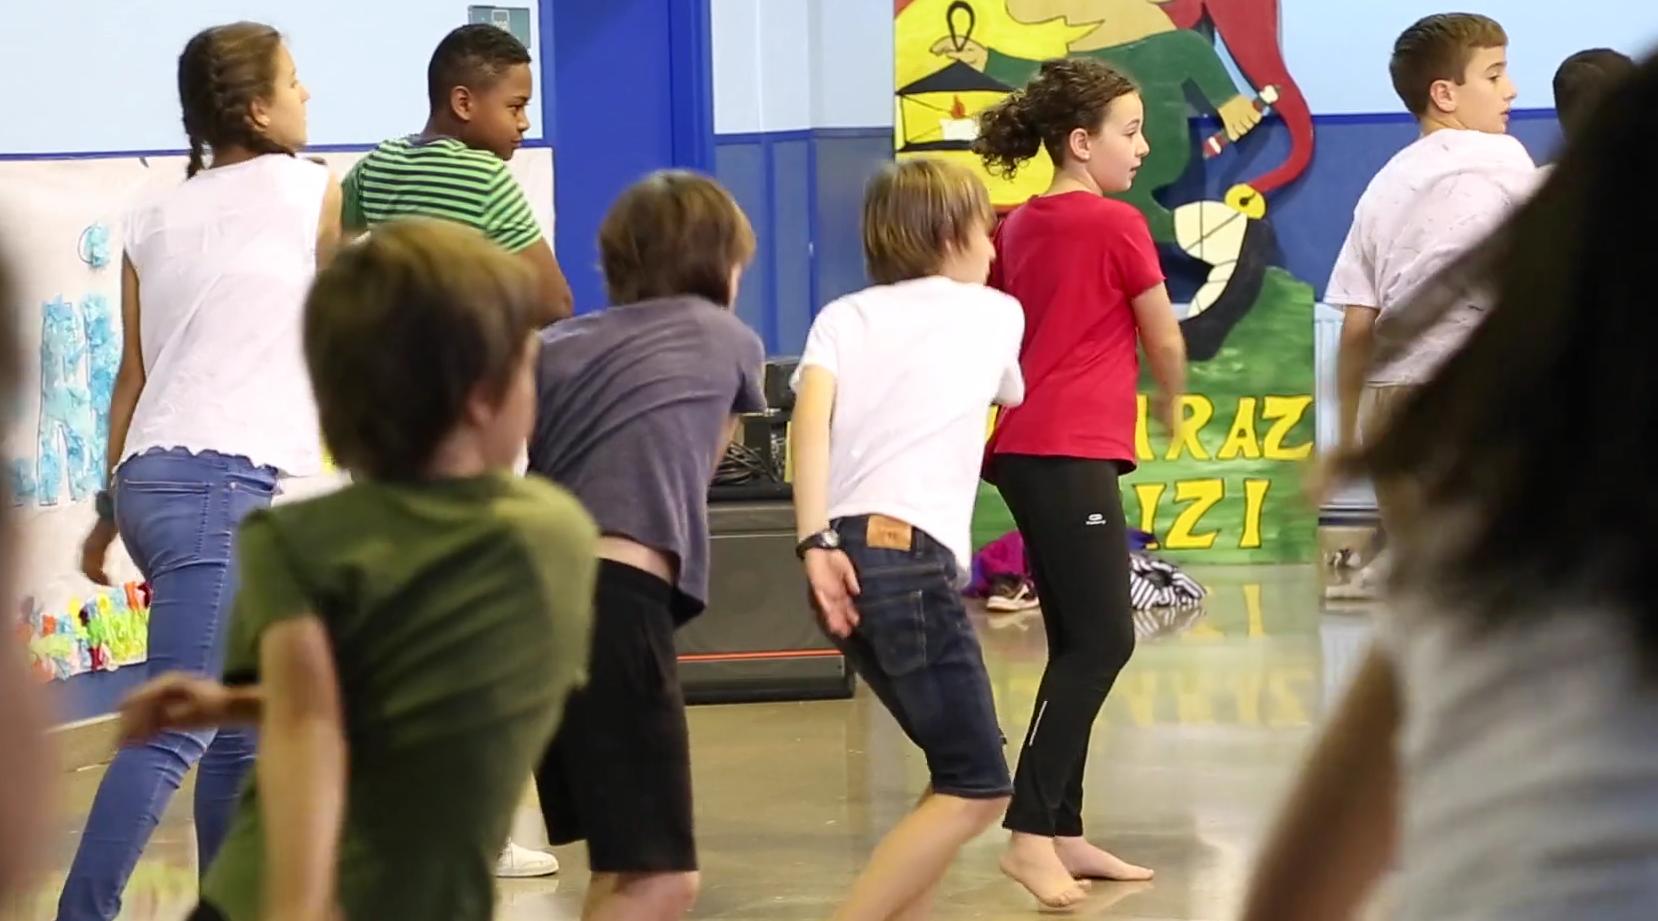 Eskoletan dantza lantzeko aukera eskainiko du Kultura Eskola programak